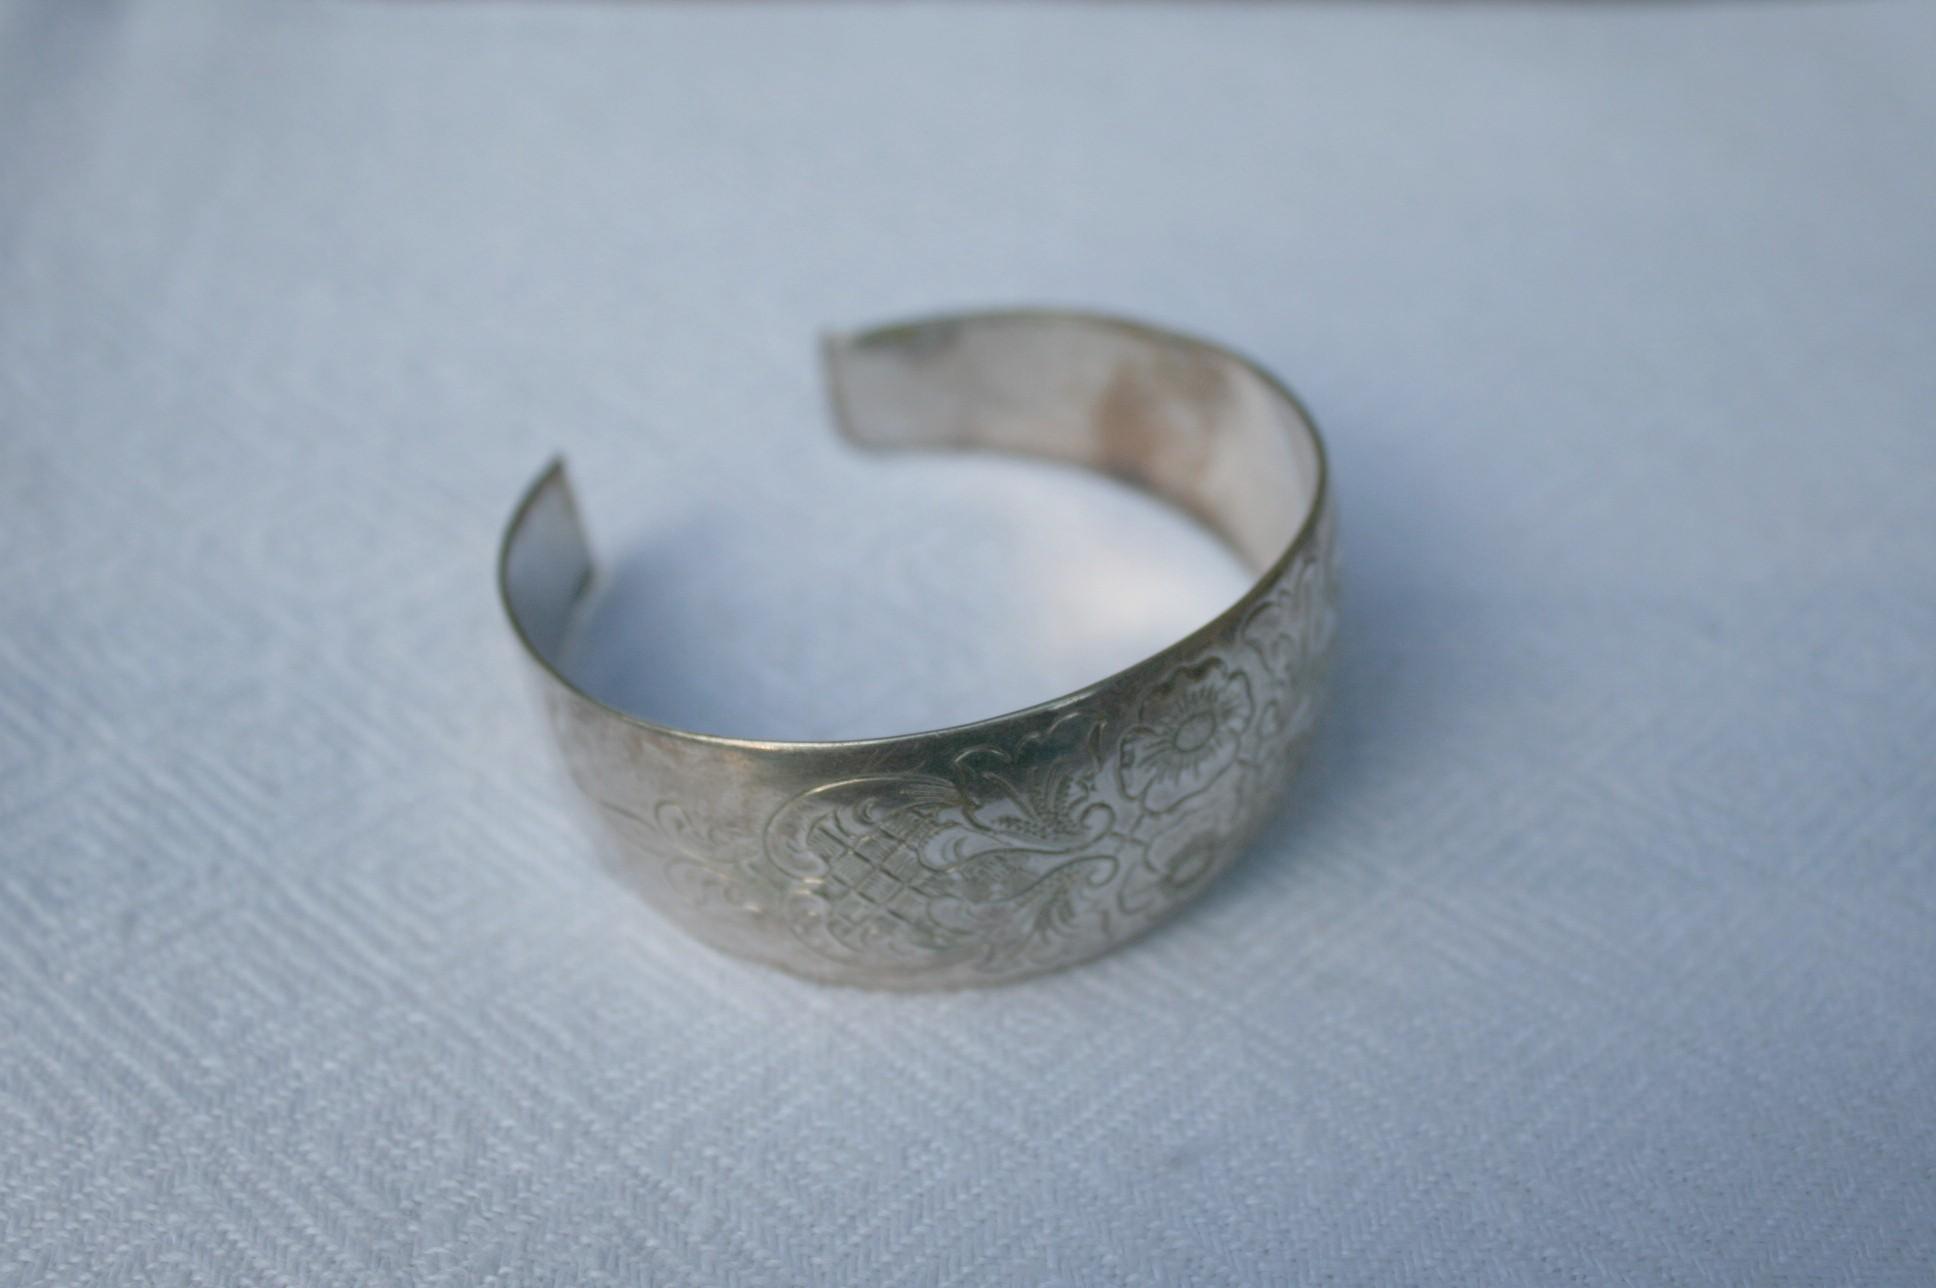 b6c580c385a Armring i sølv med ciselering og med 3 små stempler.